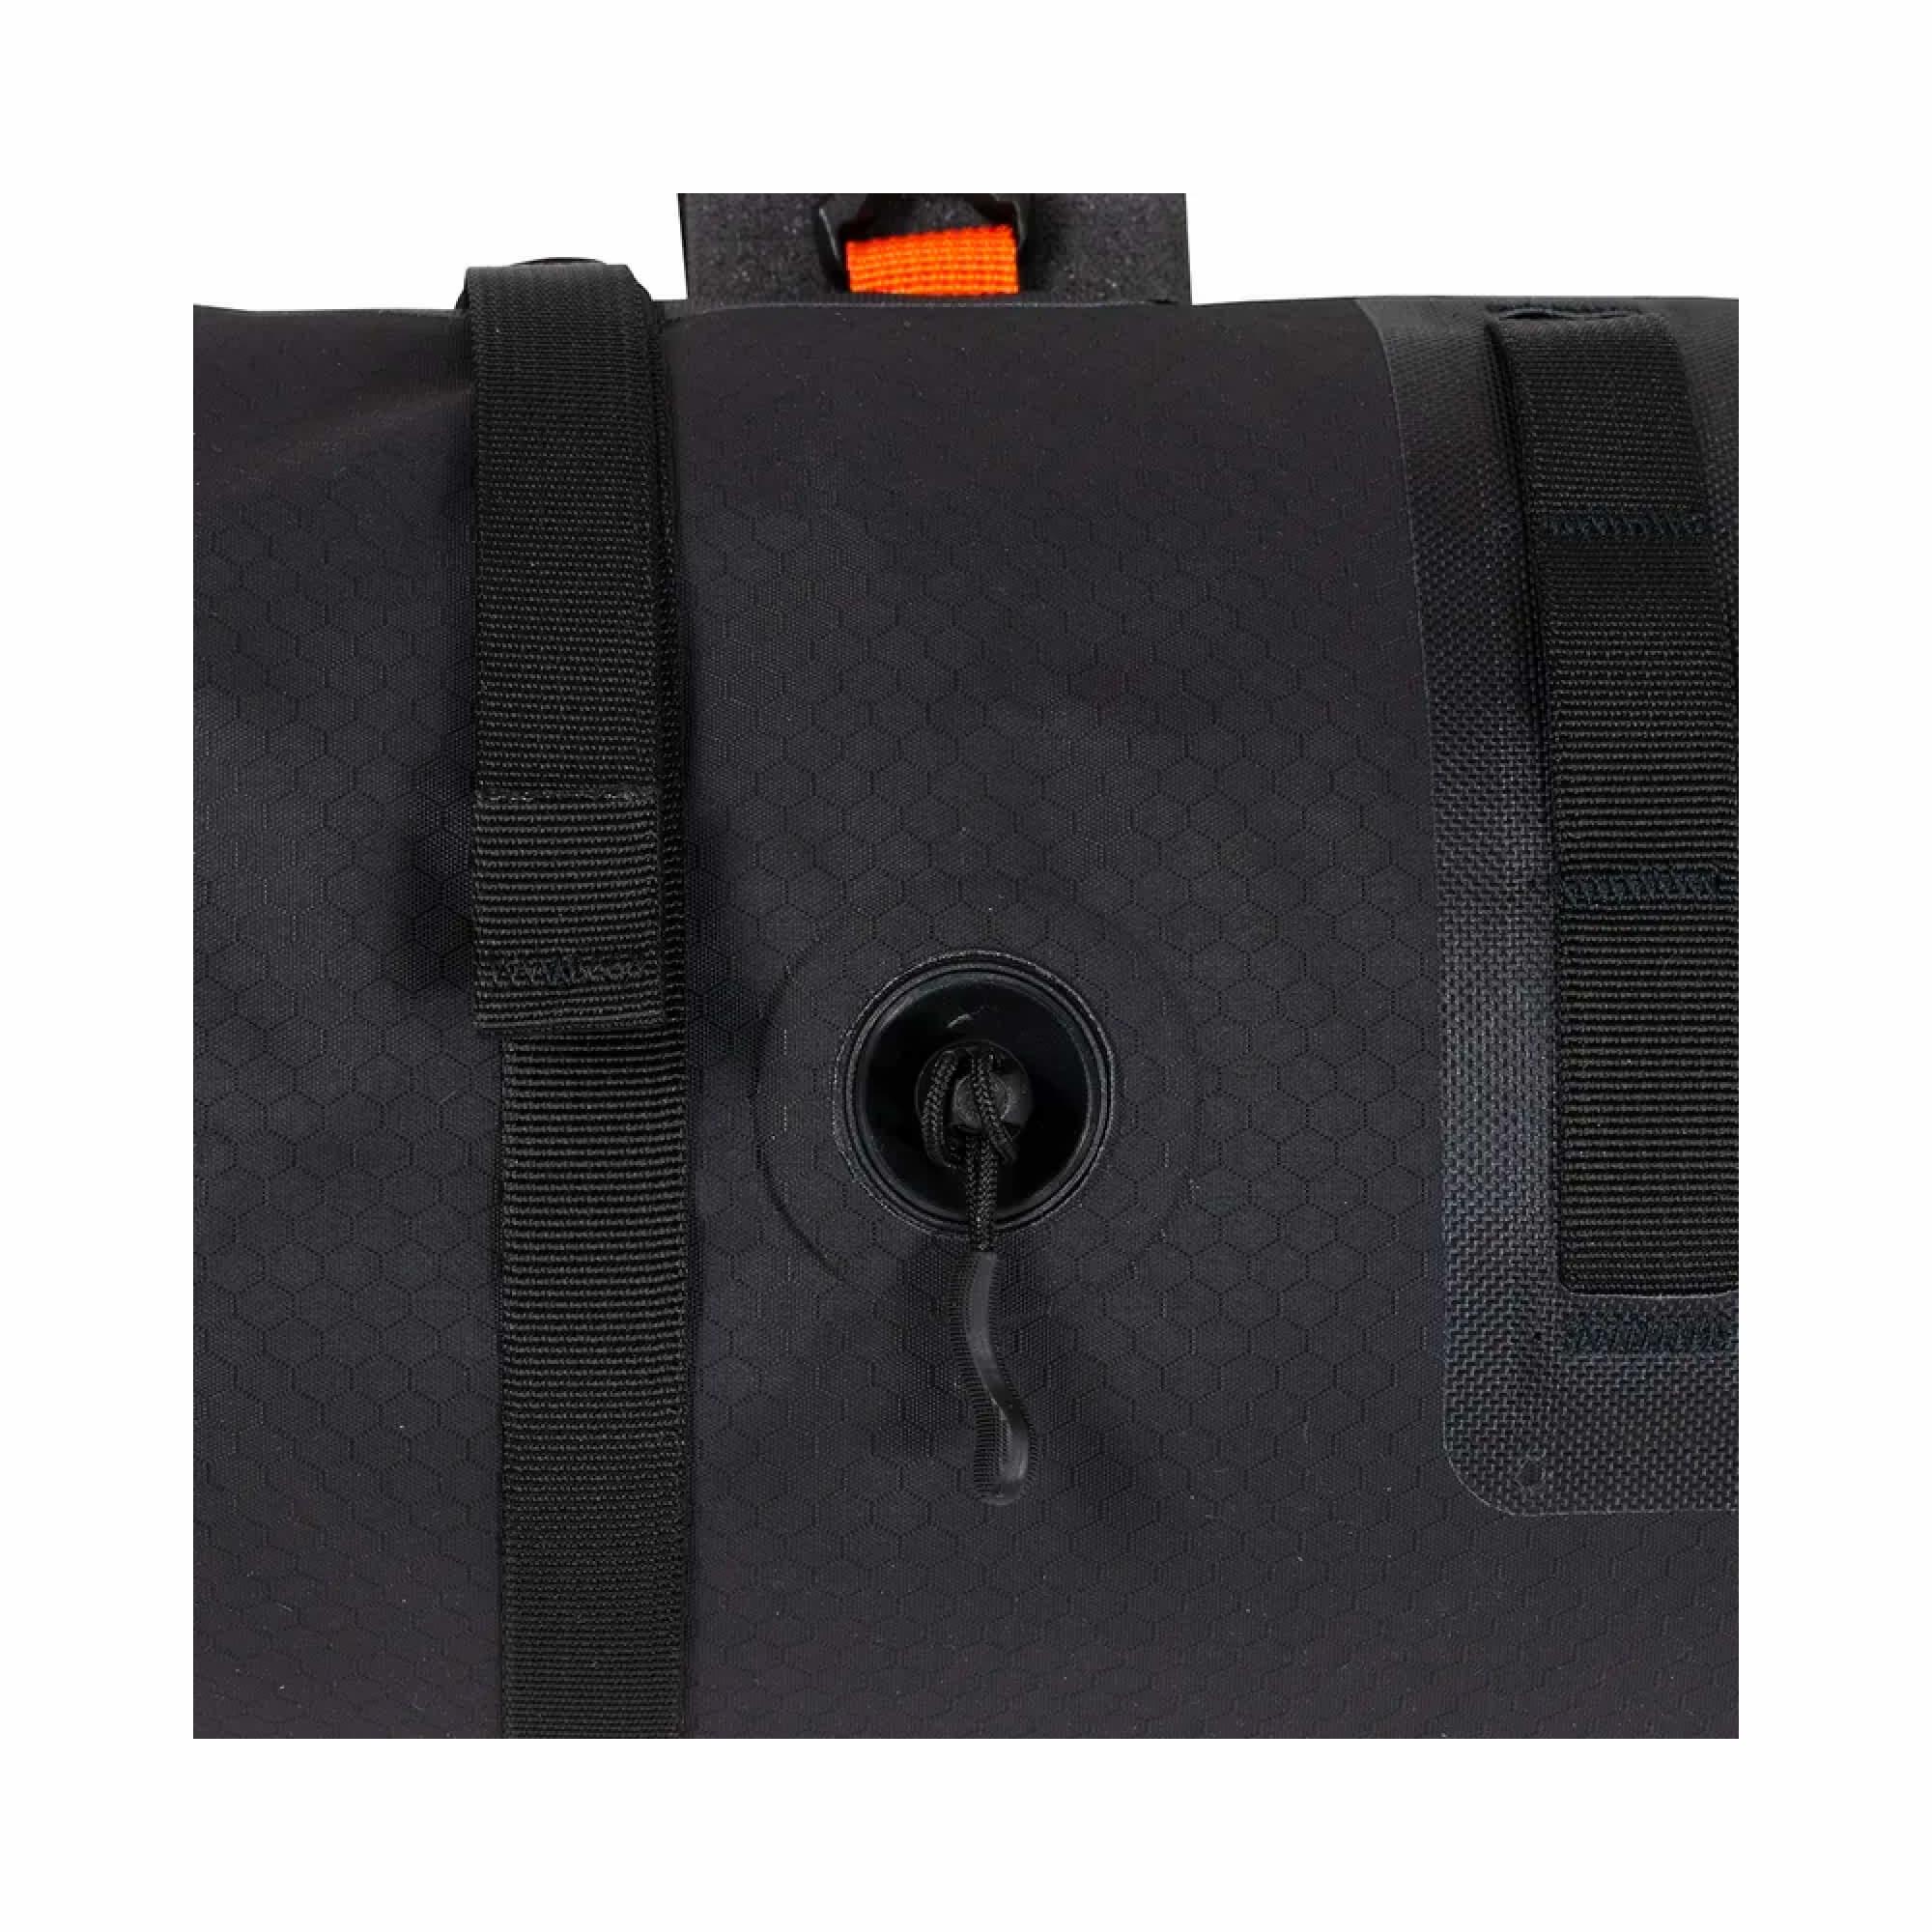 Handlebar Pack S 9L Black Matt-4